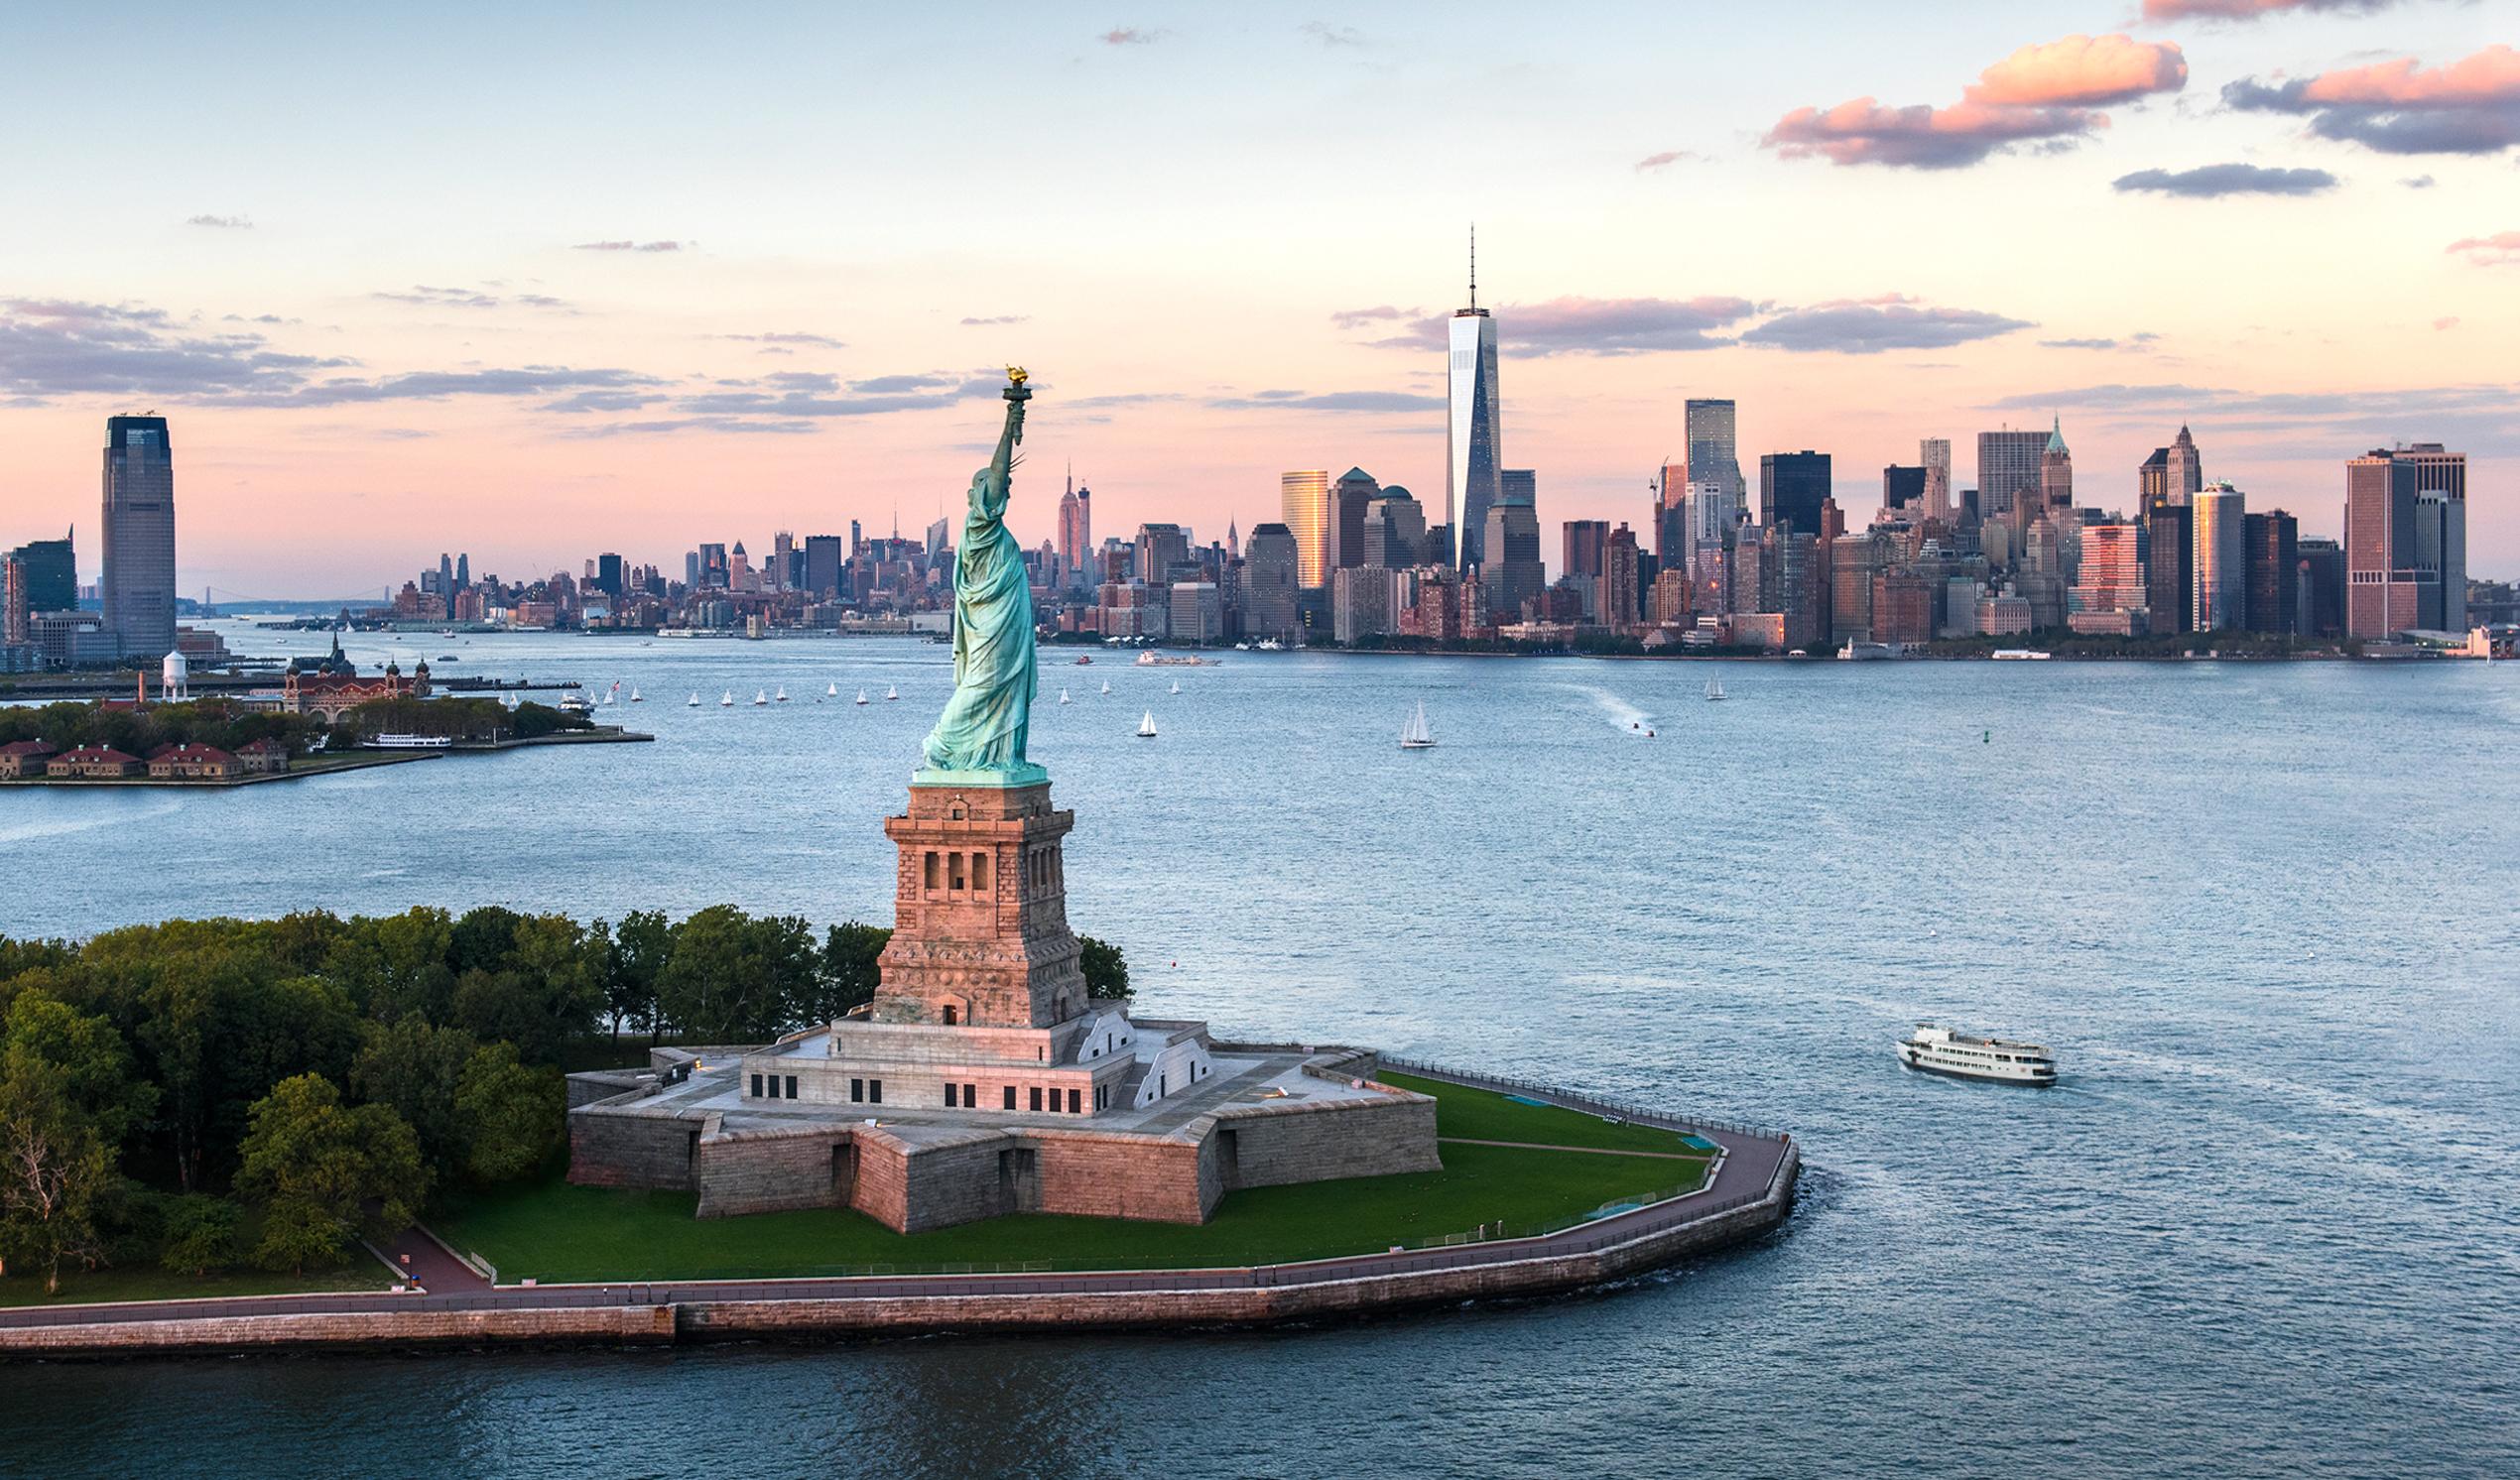 Хотите визу в США? Ну-ка покажите, что пишете в соцсетях